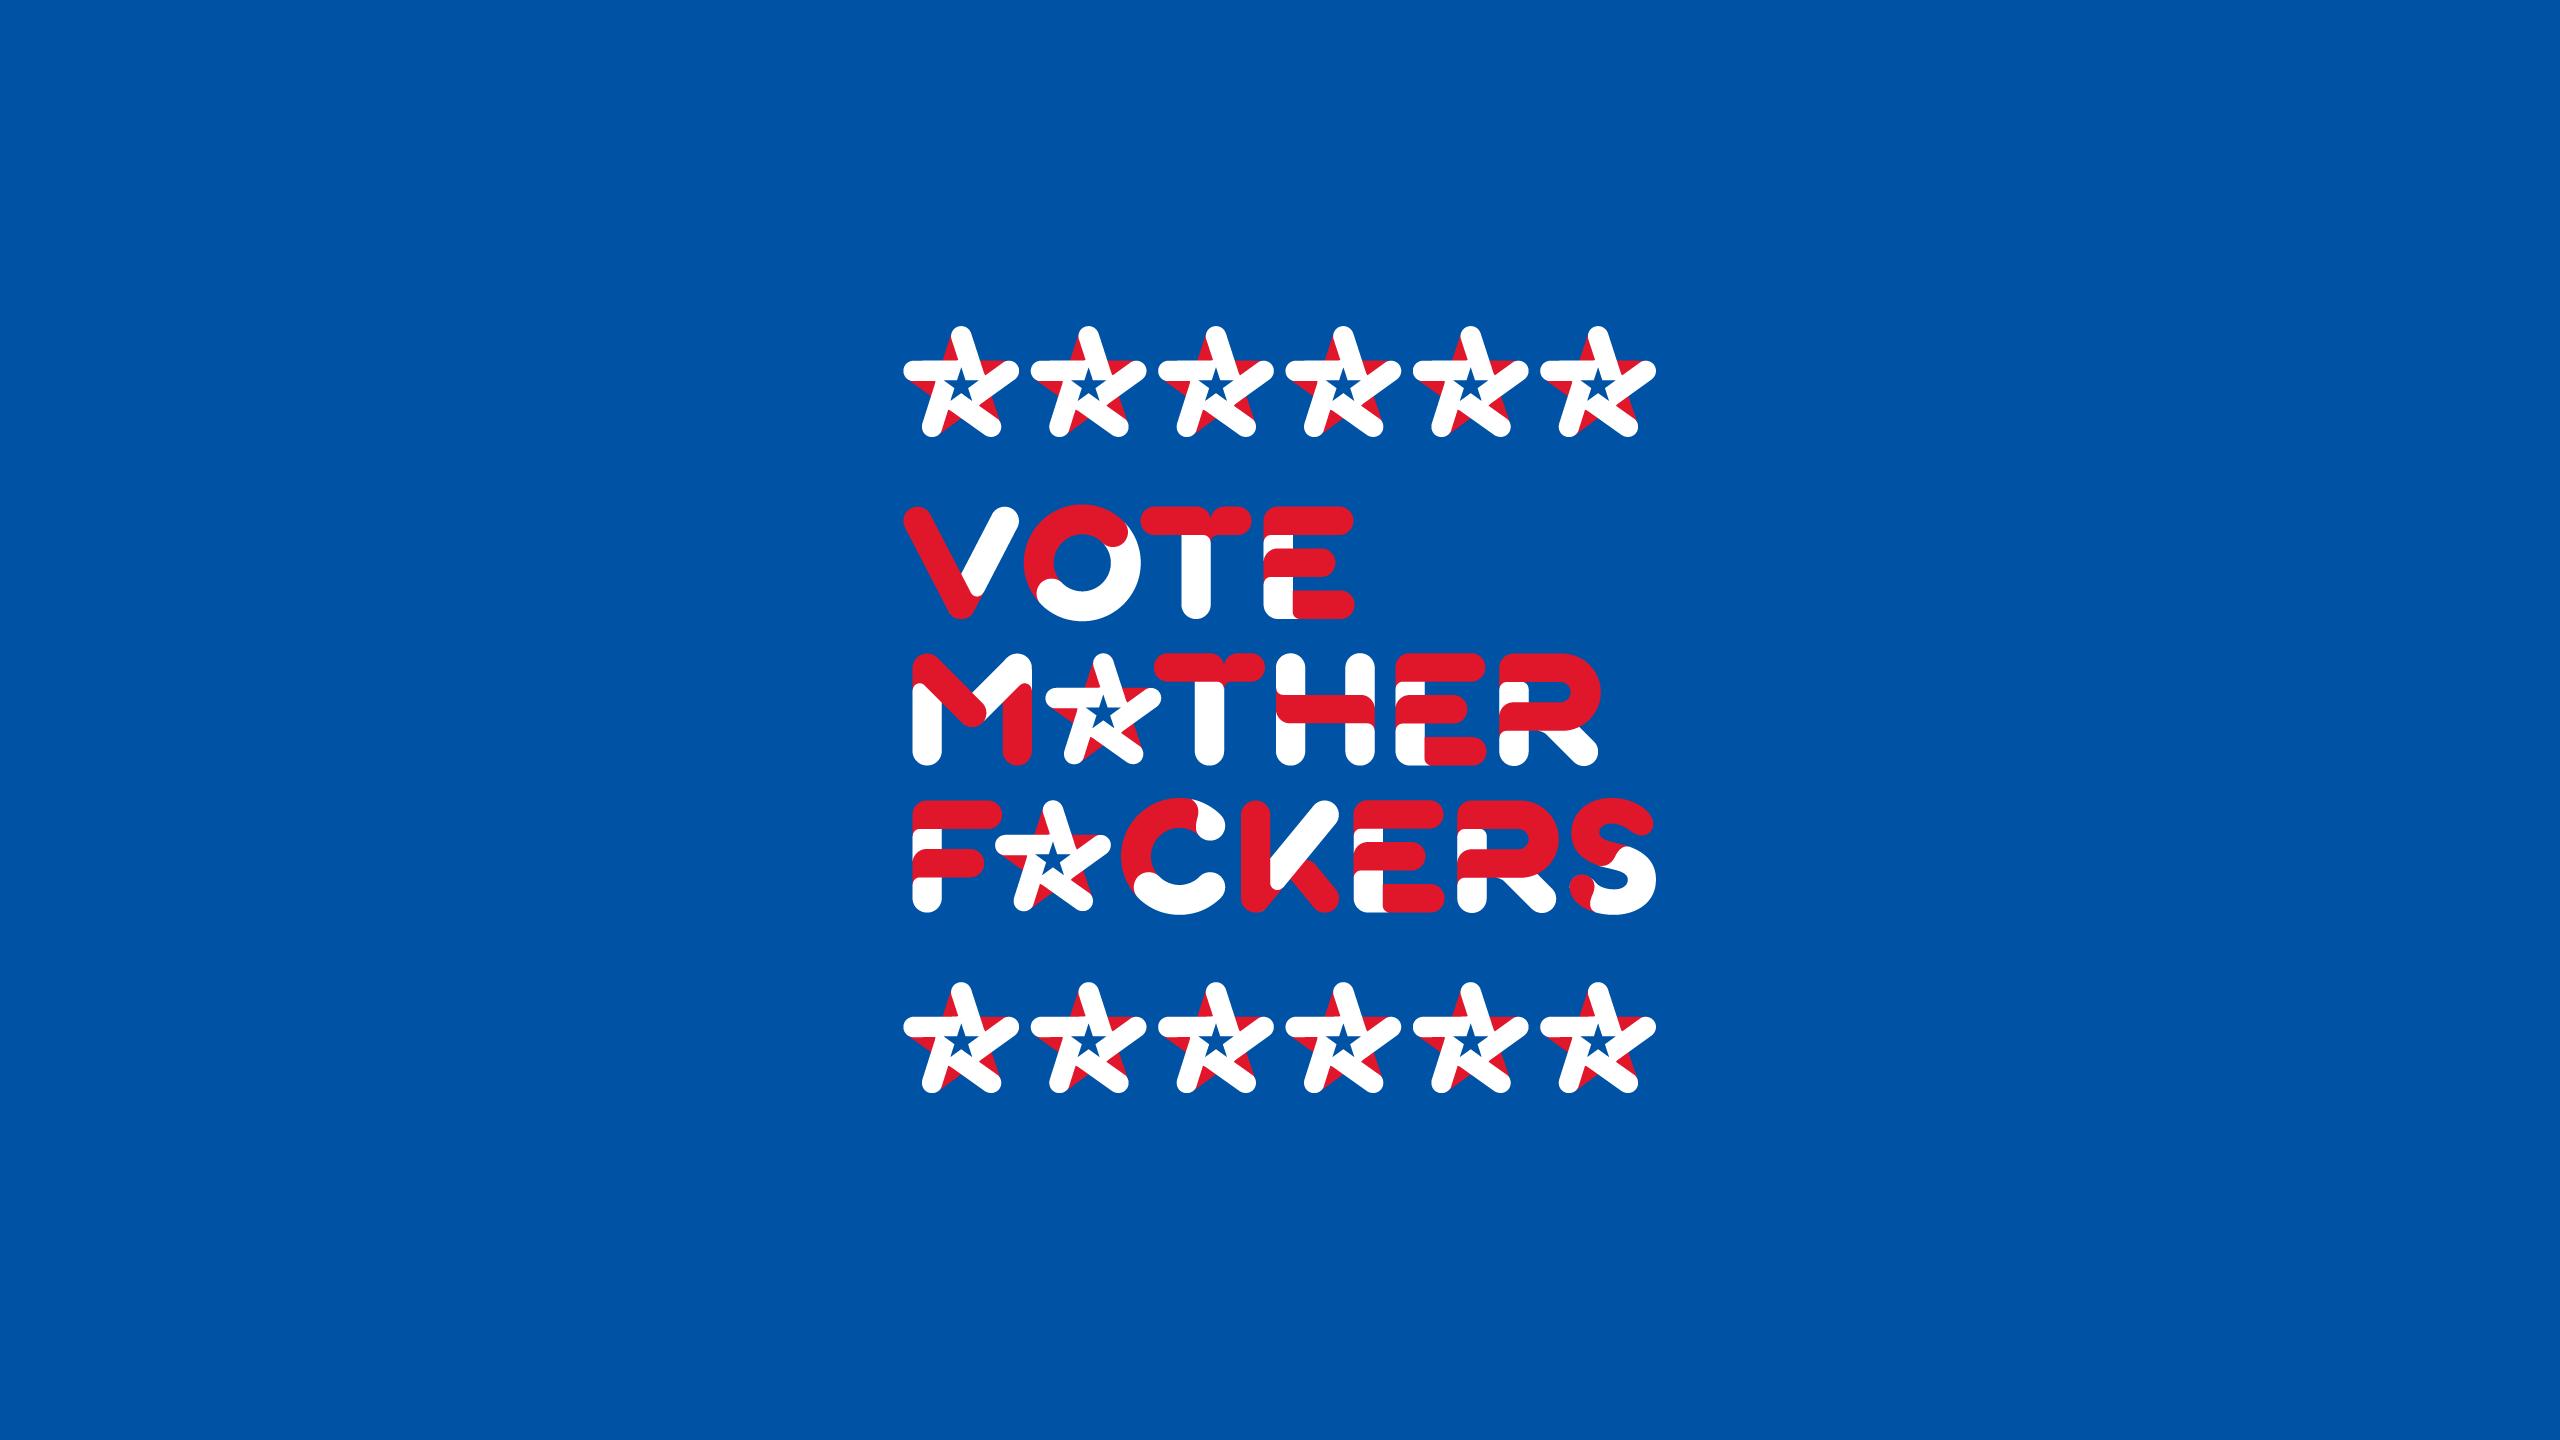 Vote for Biden campaign